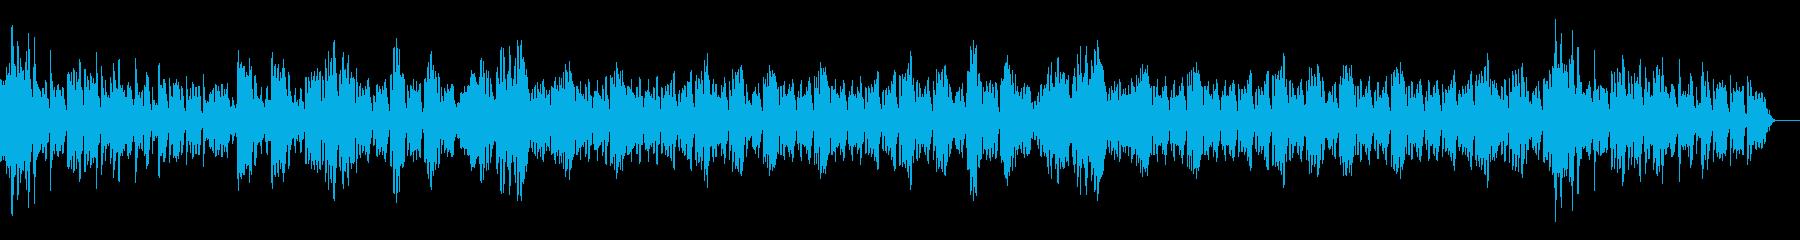 コロナの終息を願う曲/オルゴールの再生済みの波形